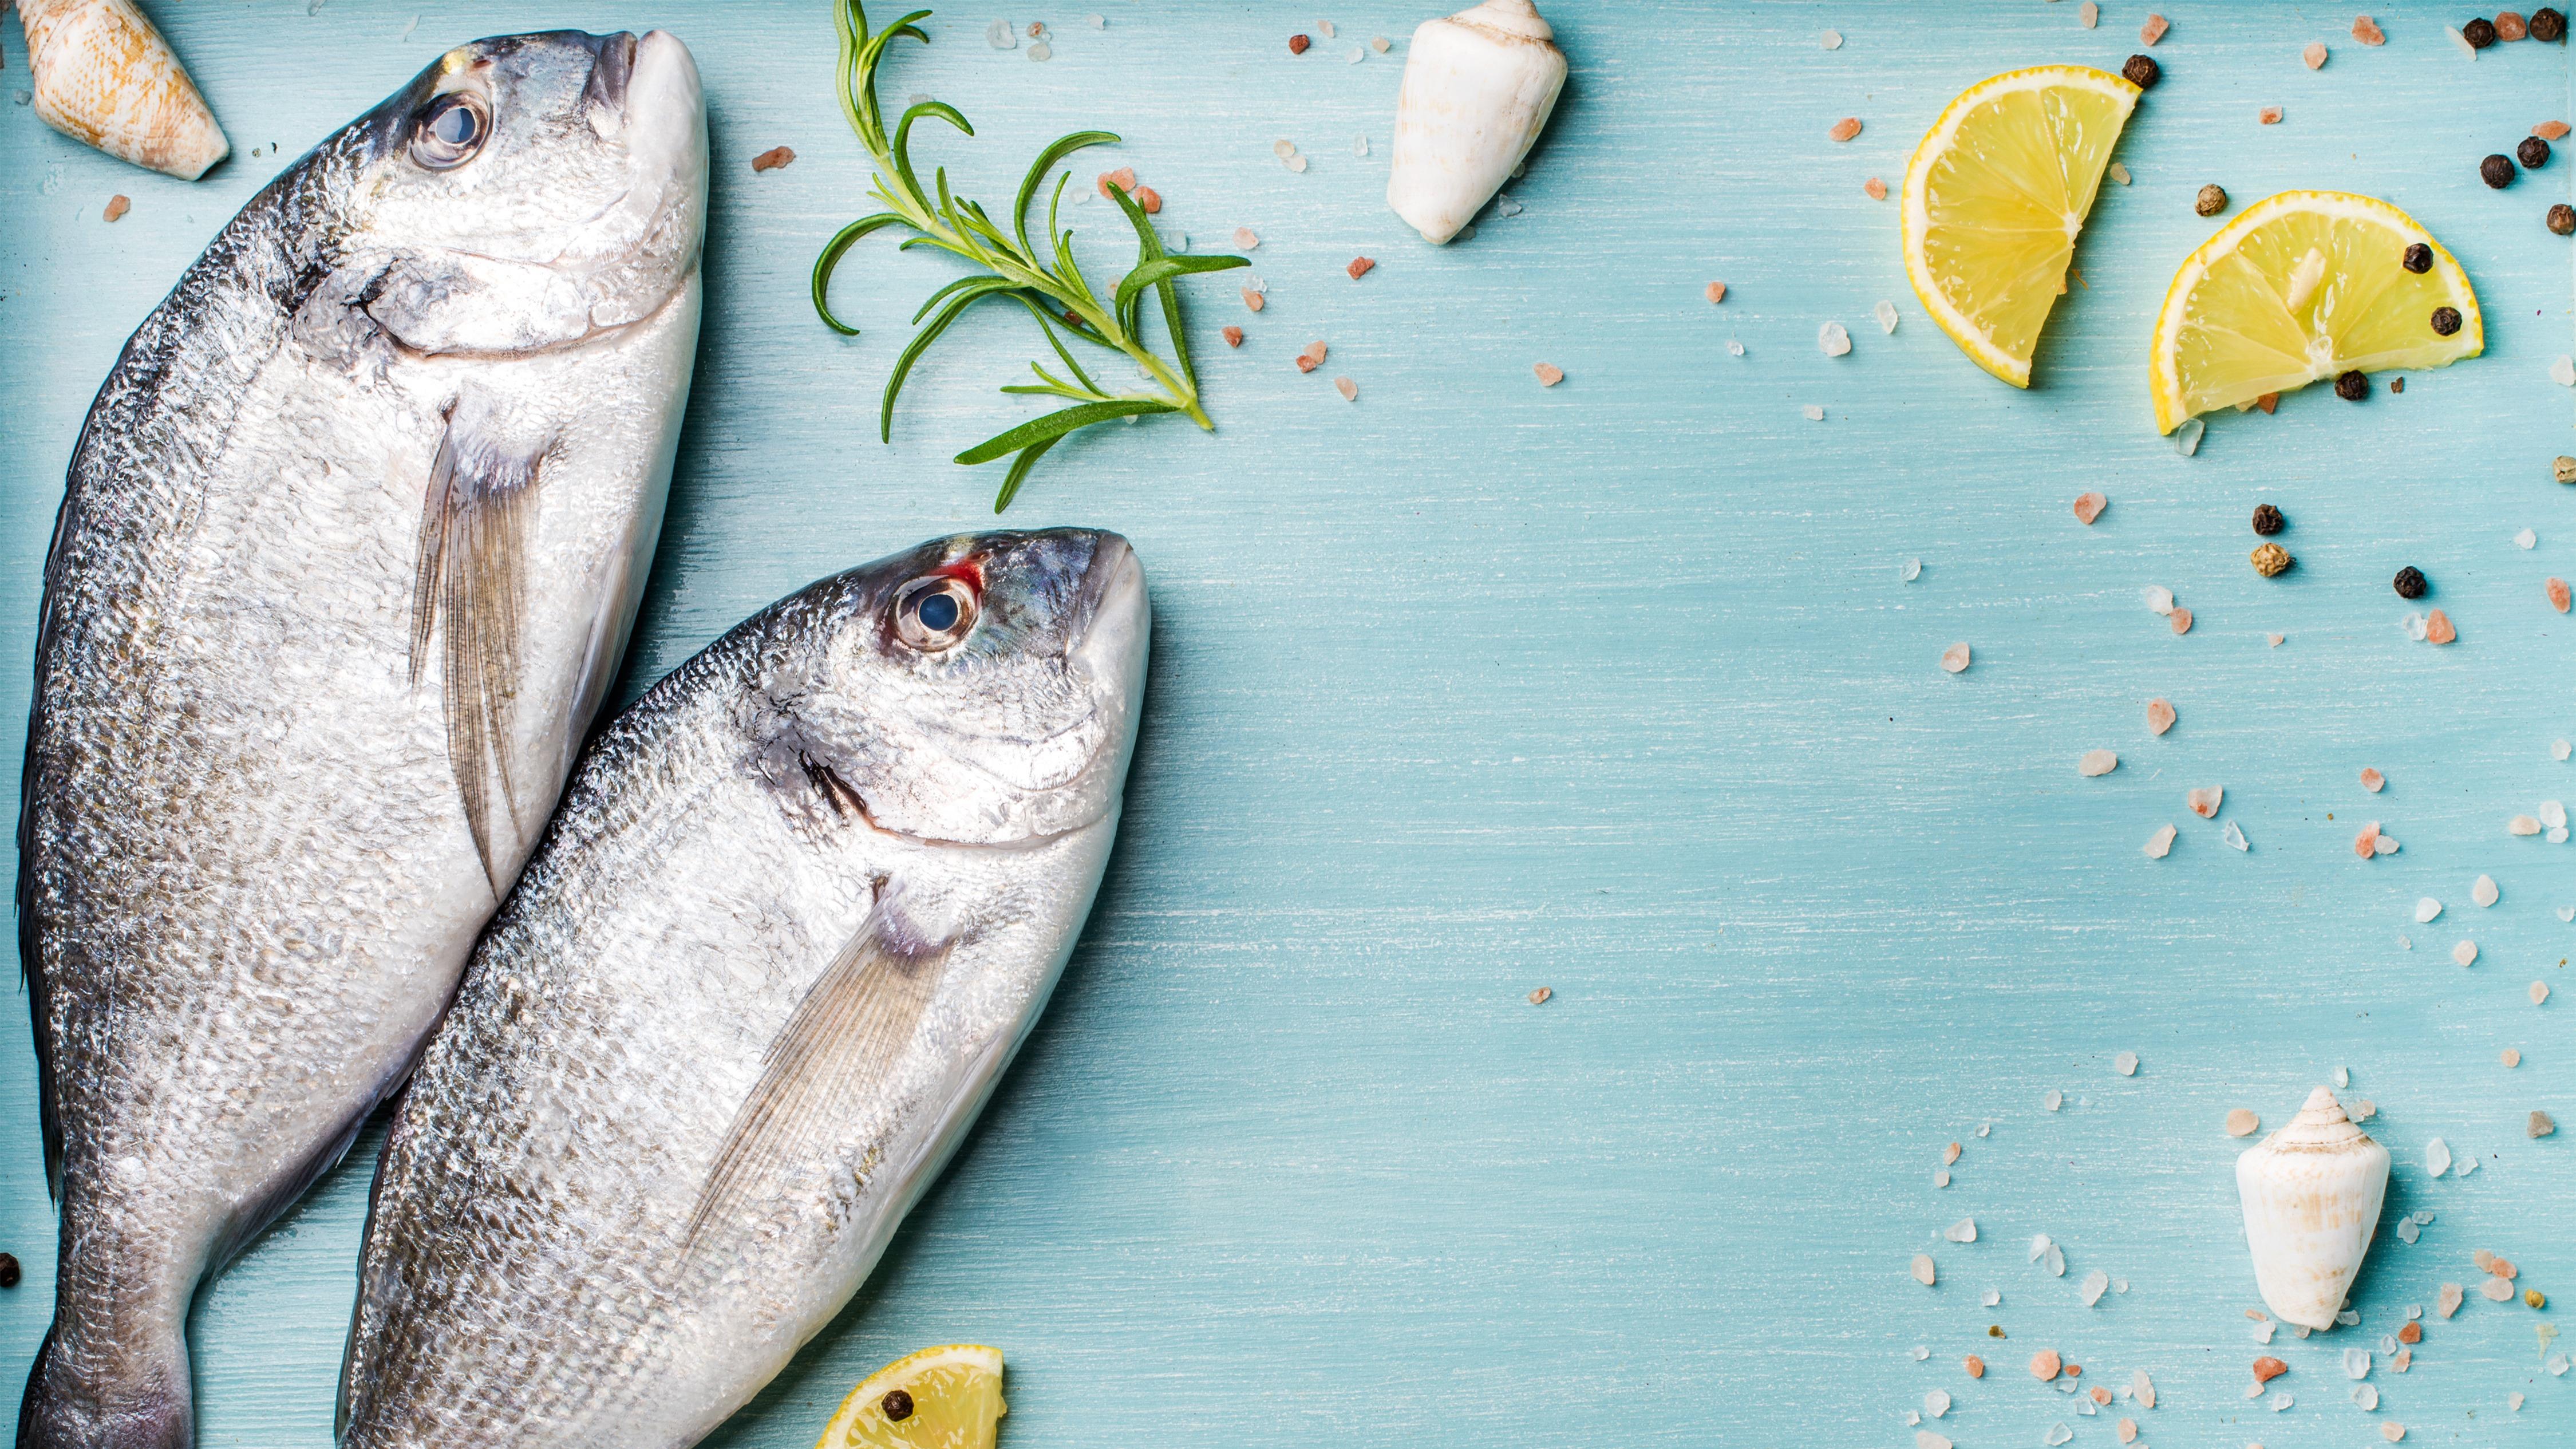 Aprenda a verificar si el pescado que consumo está en buen estado.